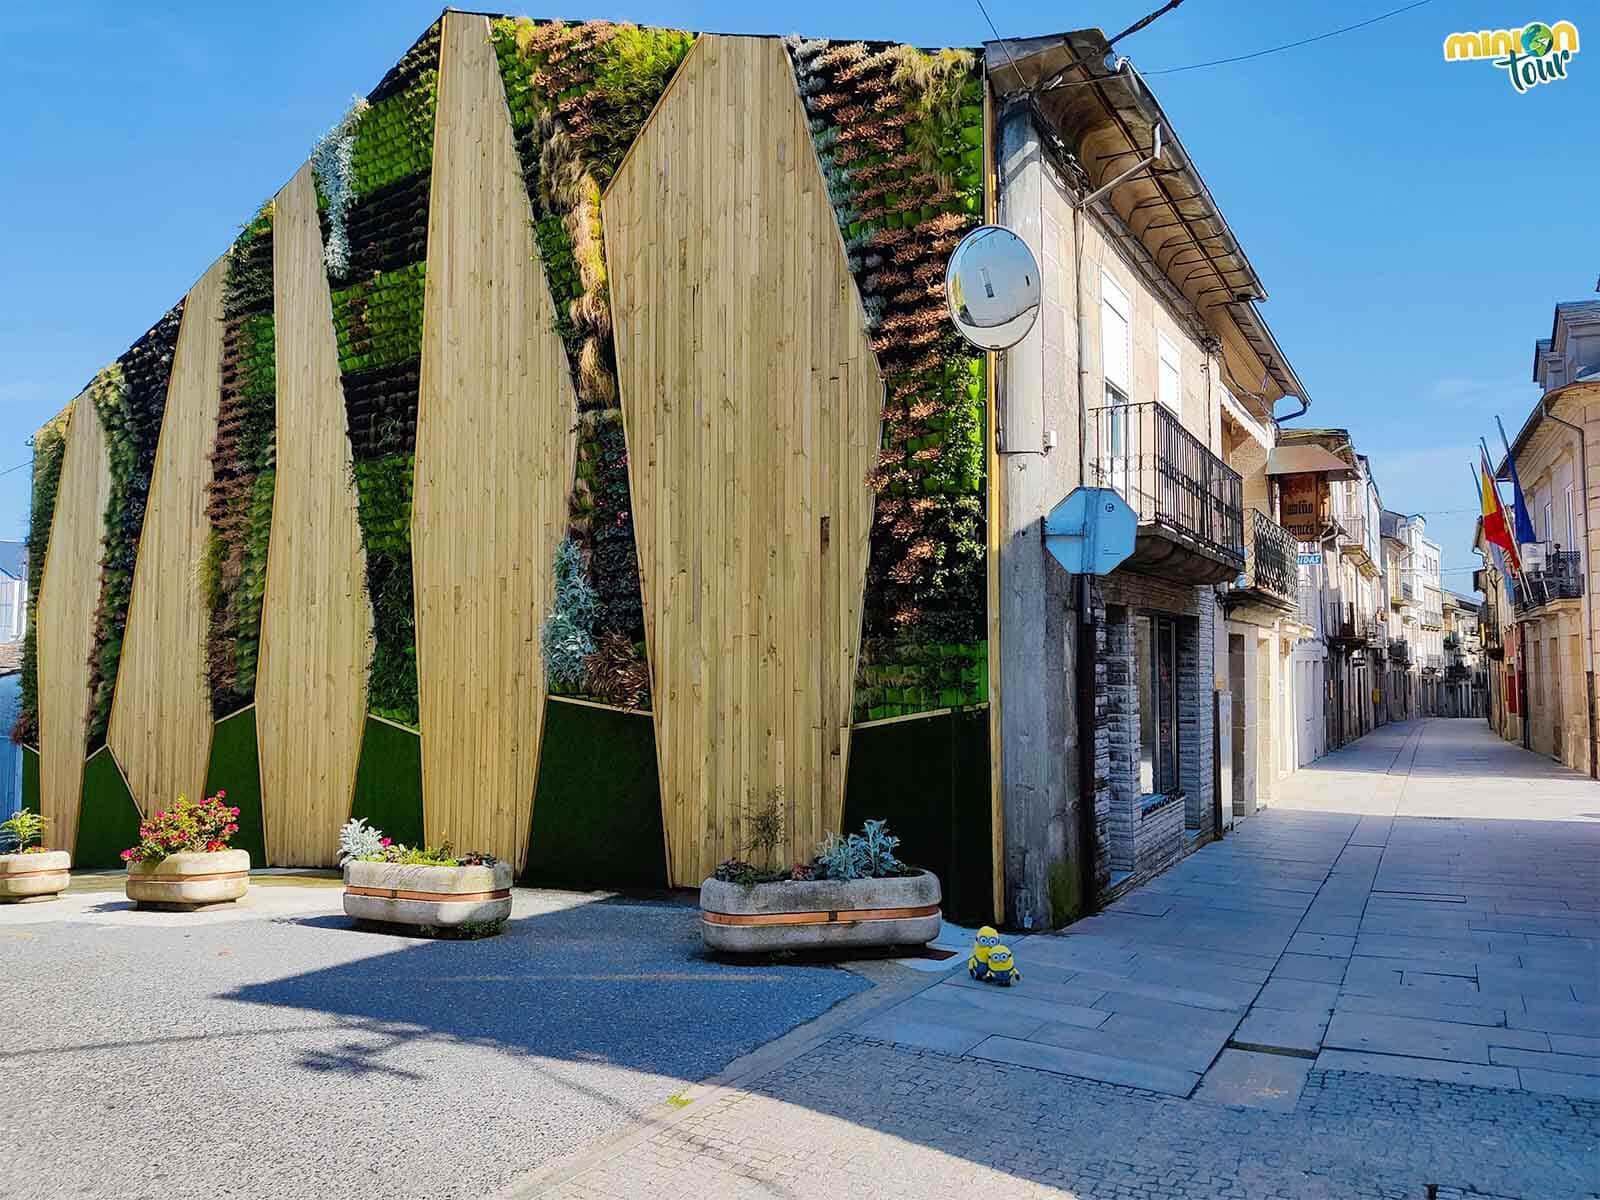 El jardín vertical es una cosa curiosa que ver en Sarria